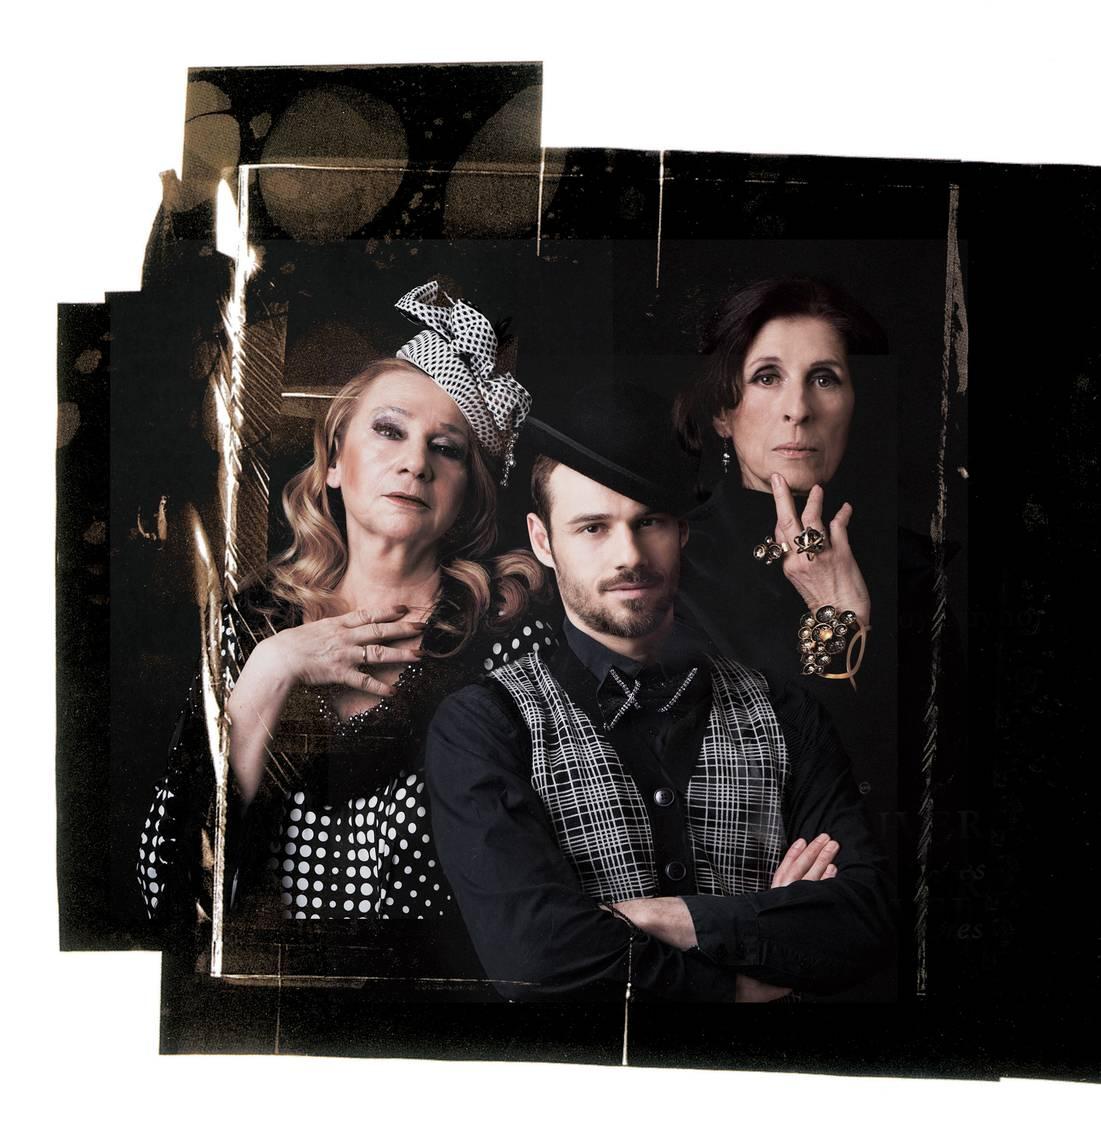 «Ψίθυροι» στο Θέατρο Αθηνών, σε σκηνοθεσία Αλέξανδρου Κοέν